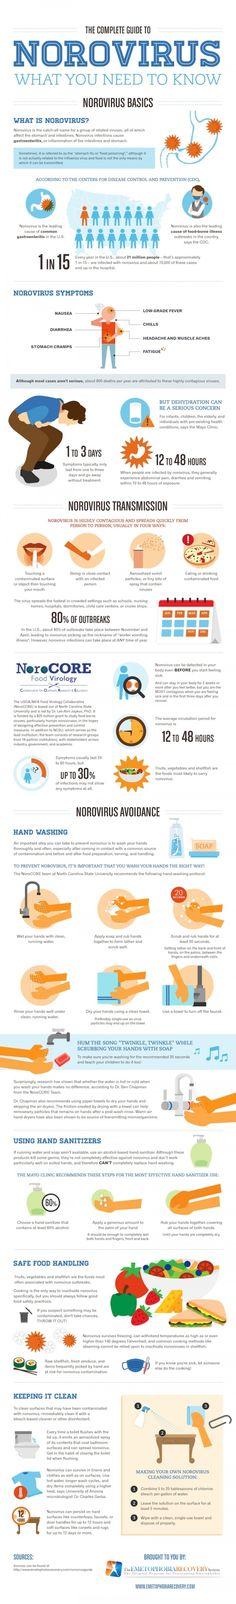 Norovirus InfoGraphic